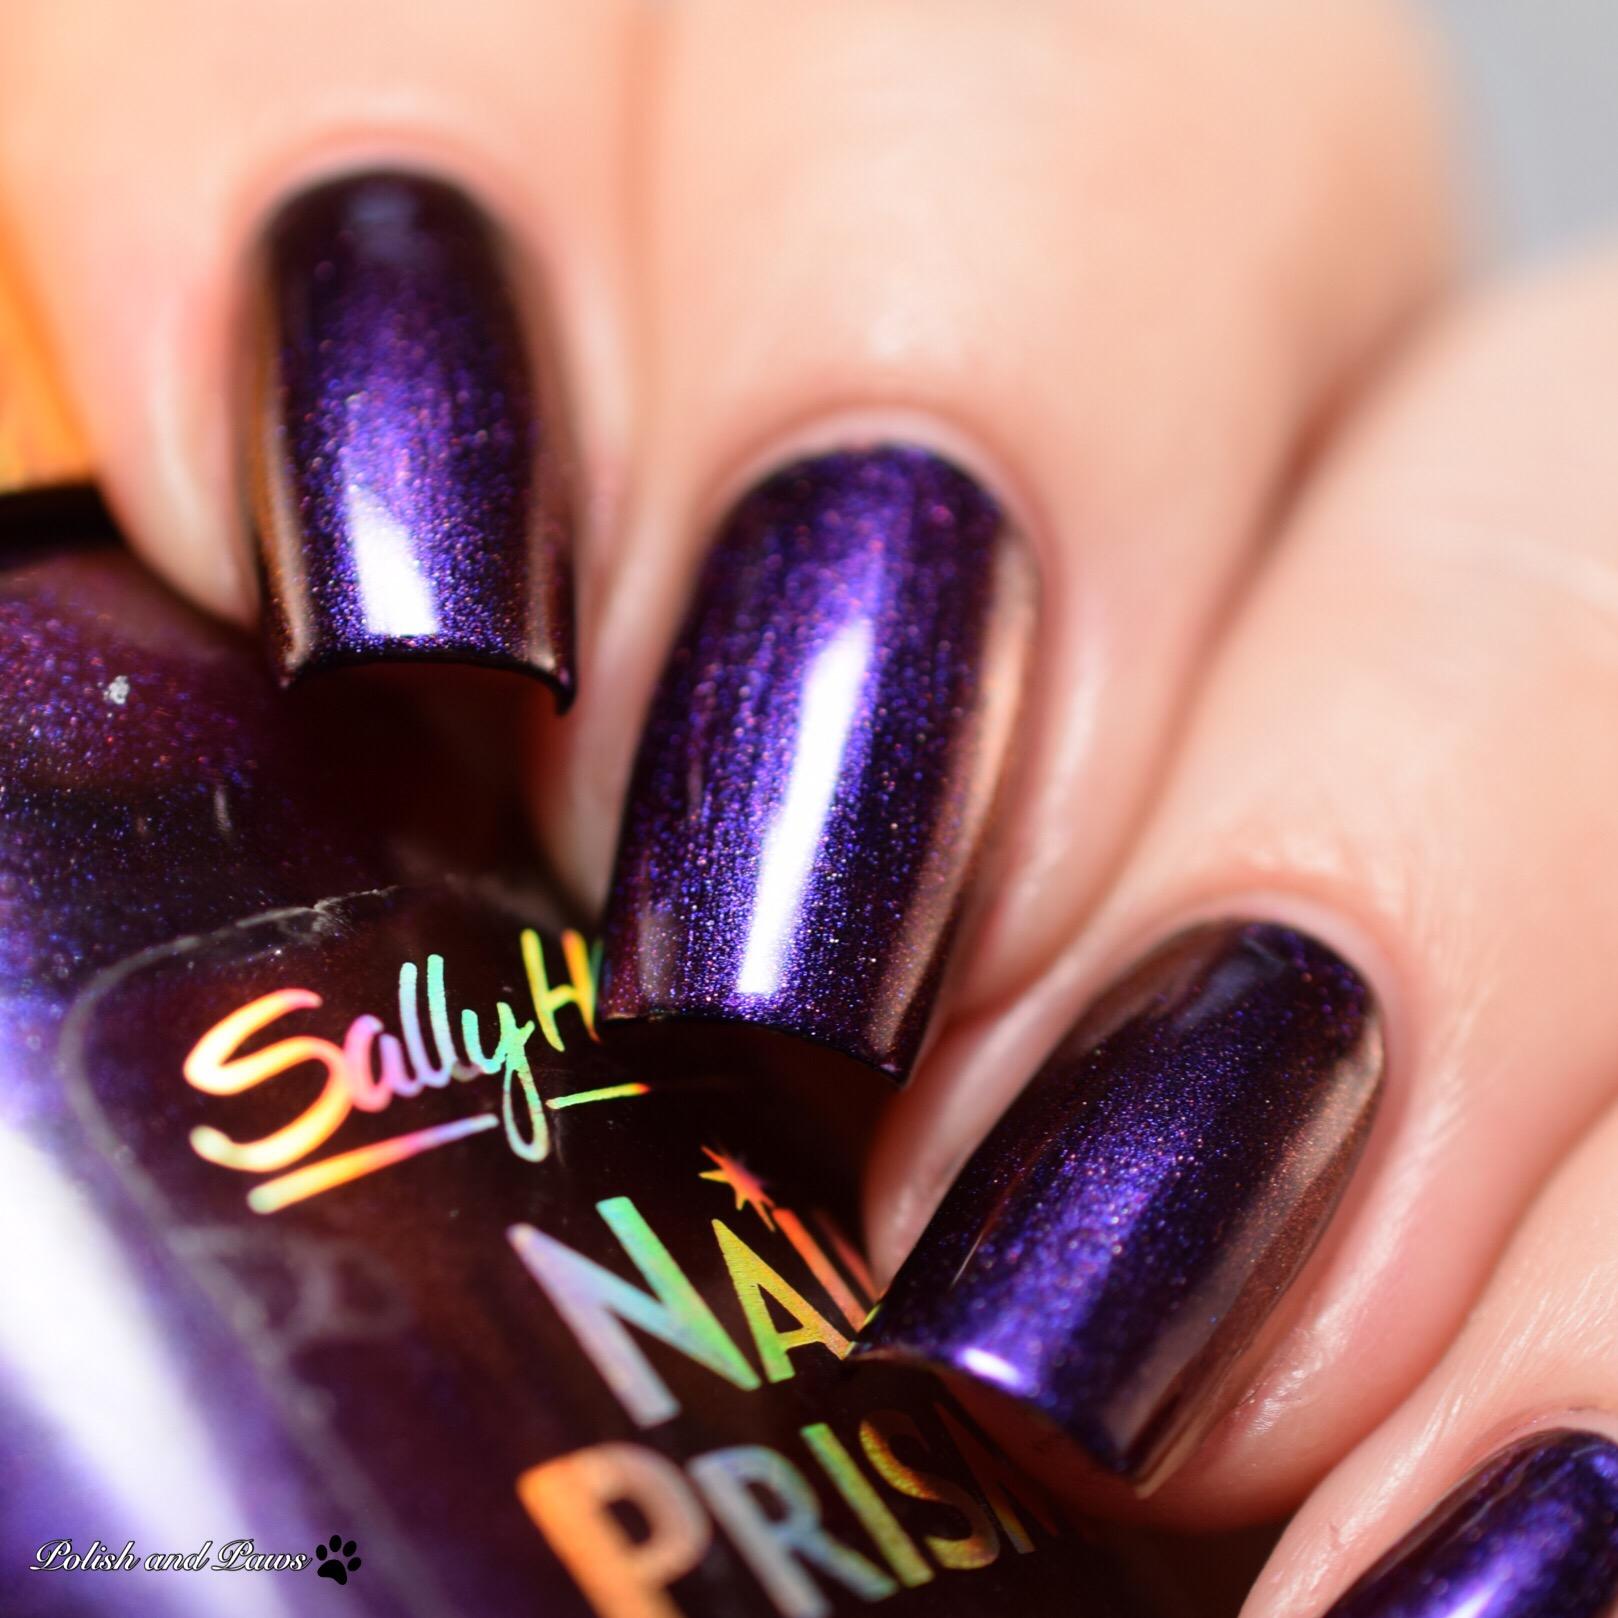 Sally Hansen Nail Prisms Burgundy Orchid